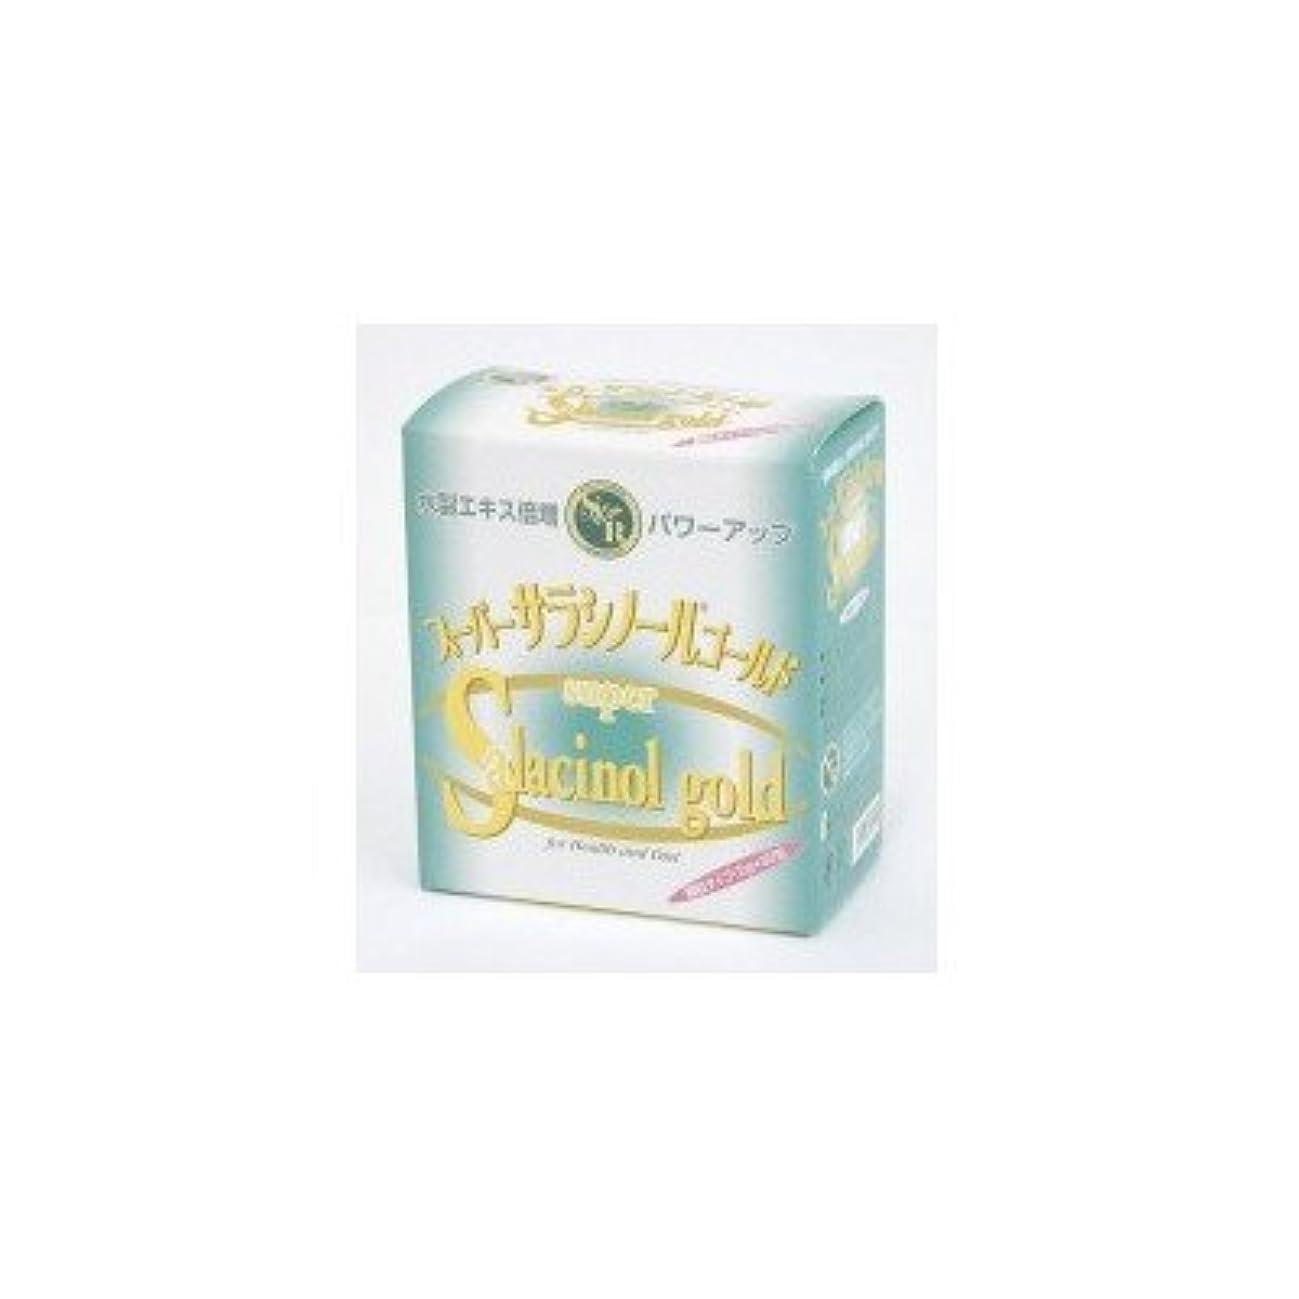 かび臭い笑い質素なジャパンヘルス スーパーサラシノールゴールド 2g×30包